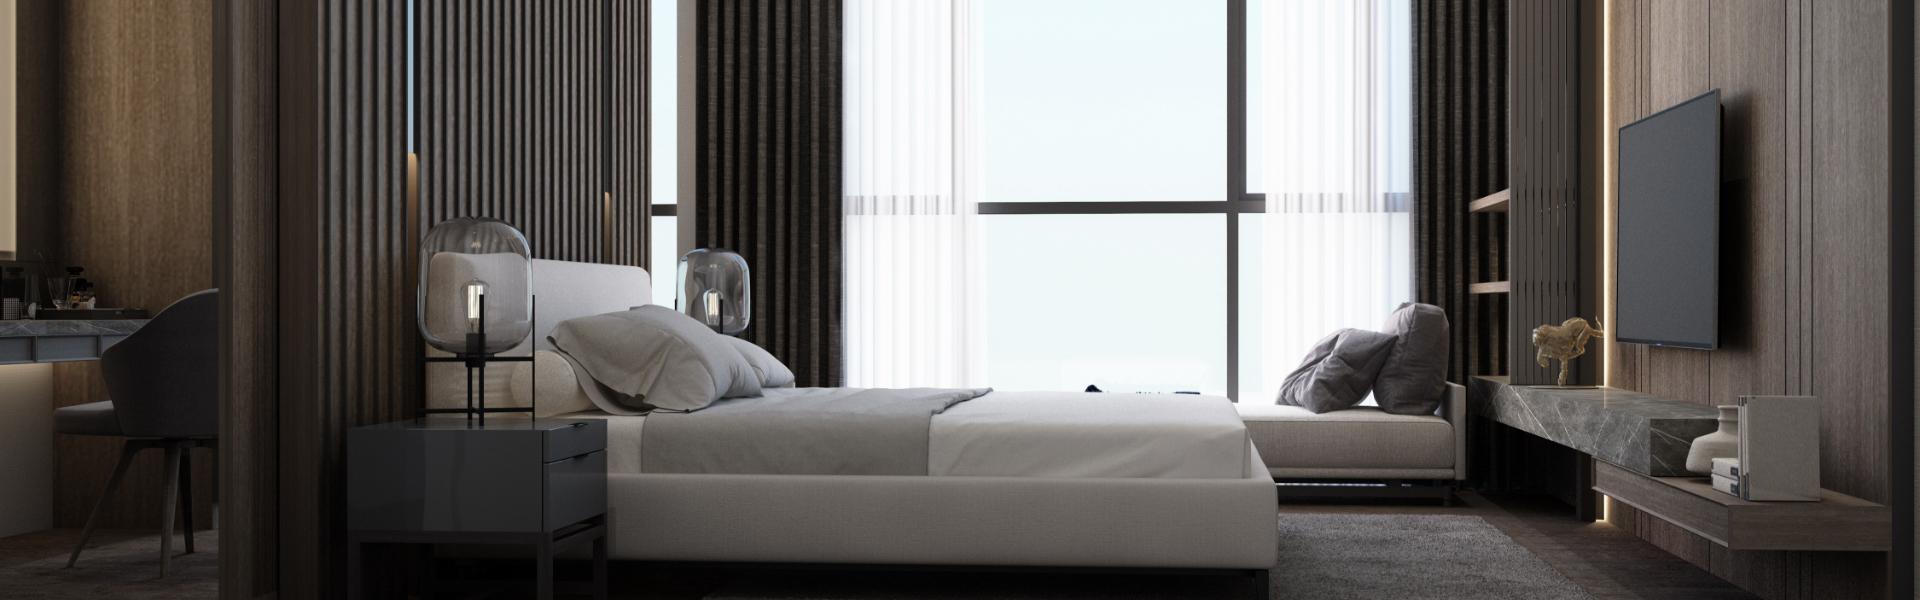 Sypialnia z wysokimi oknami